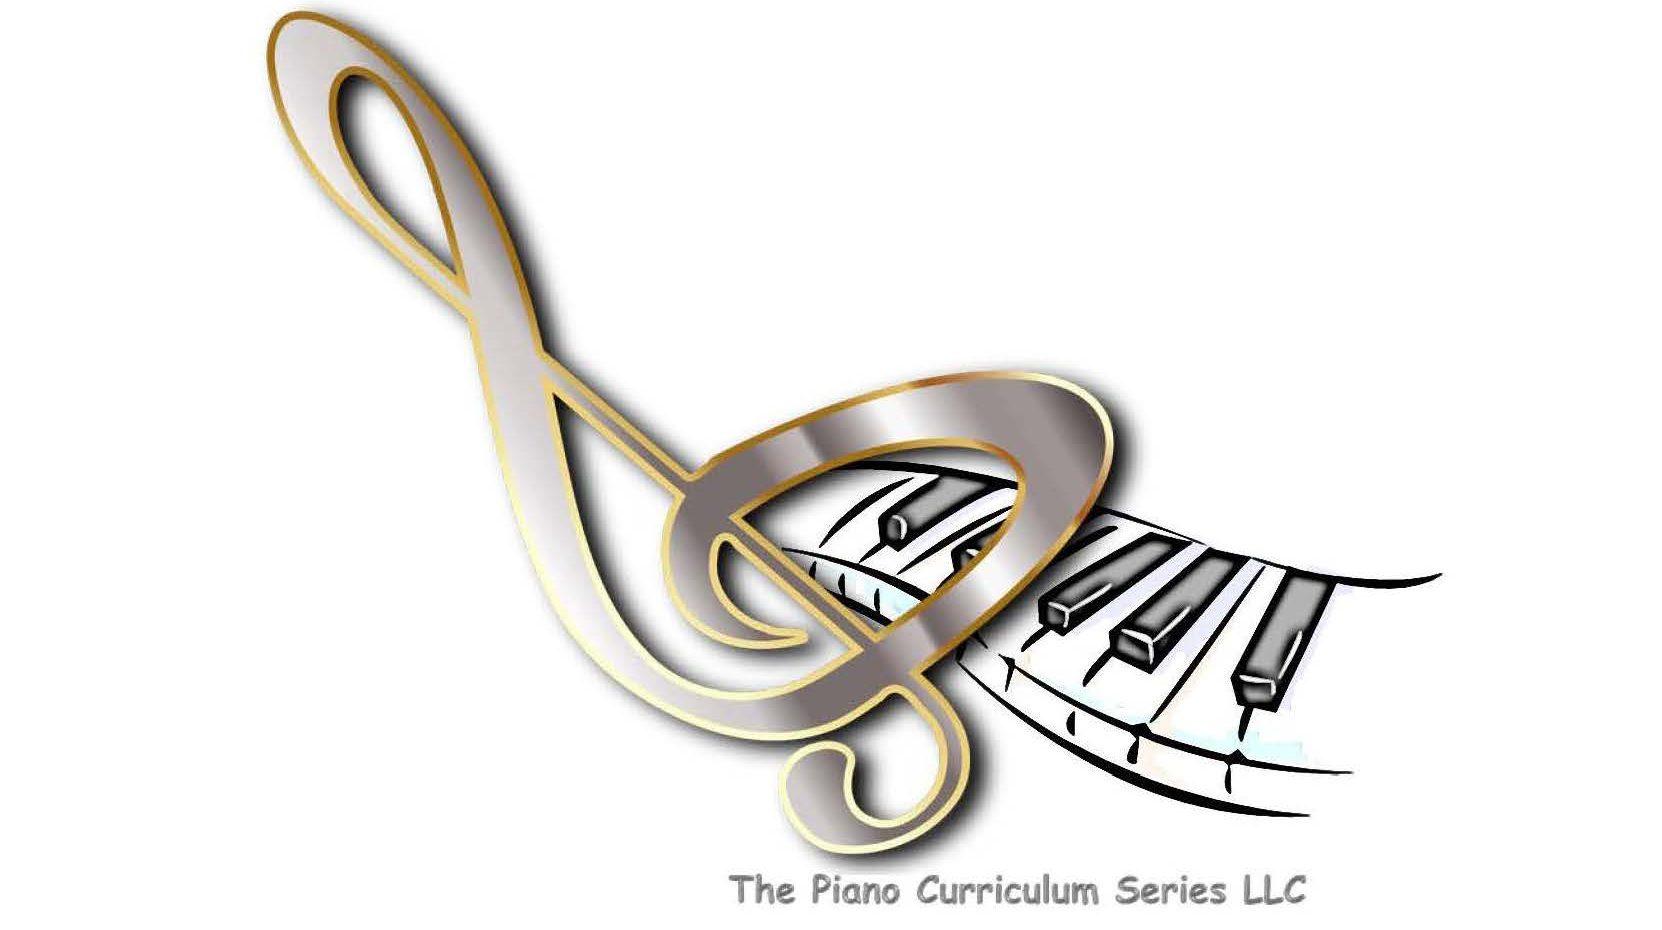 Piano Curriculum Series